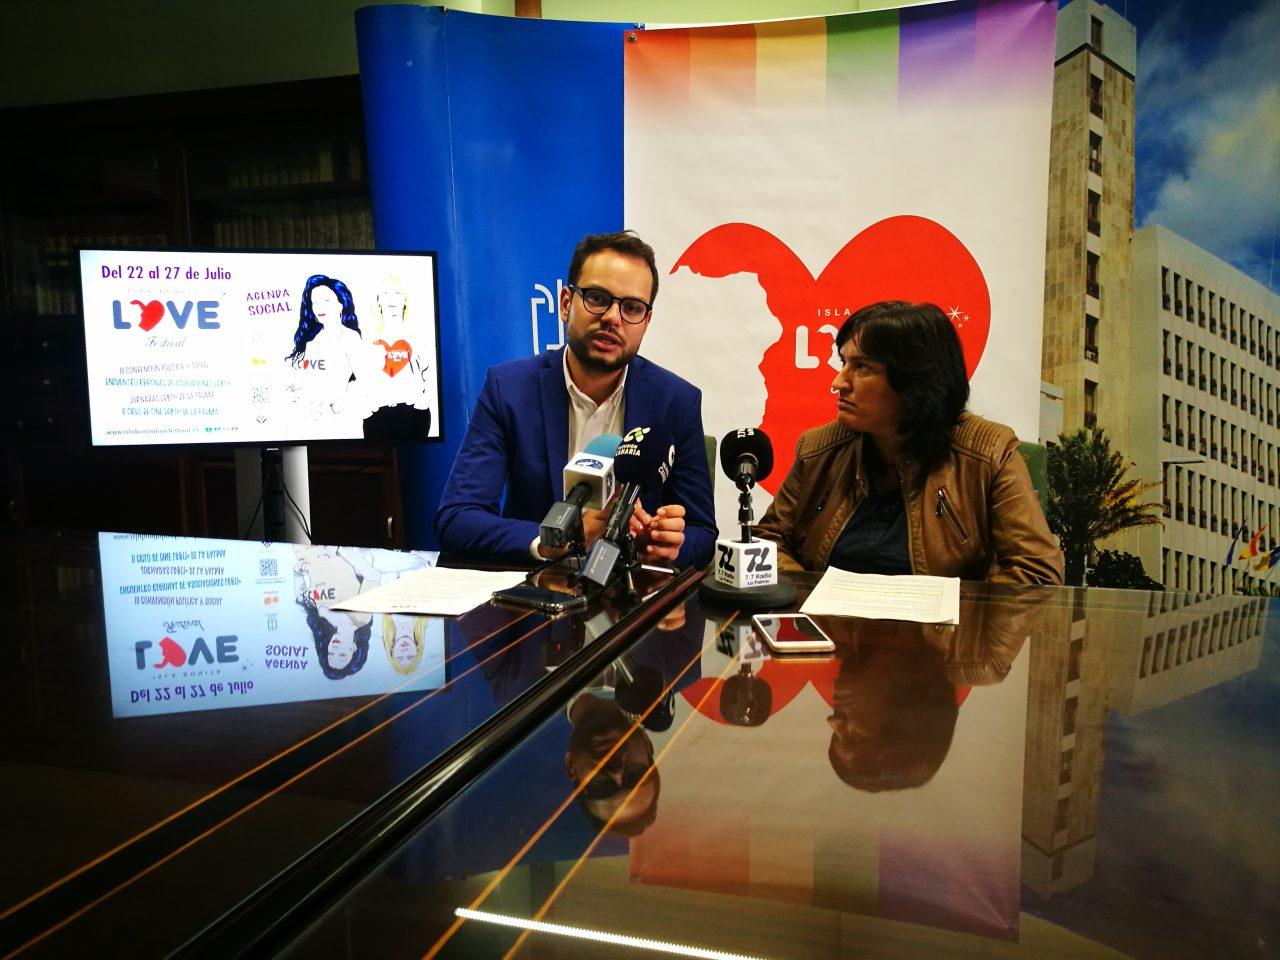 El Isla Bonita Love Festival y la Asociación Violetas presentan el 1º Encuentro Regional de Asociaciones LGTBI+ en La Palma